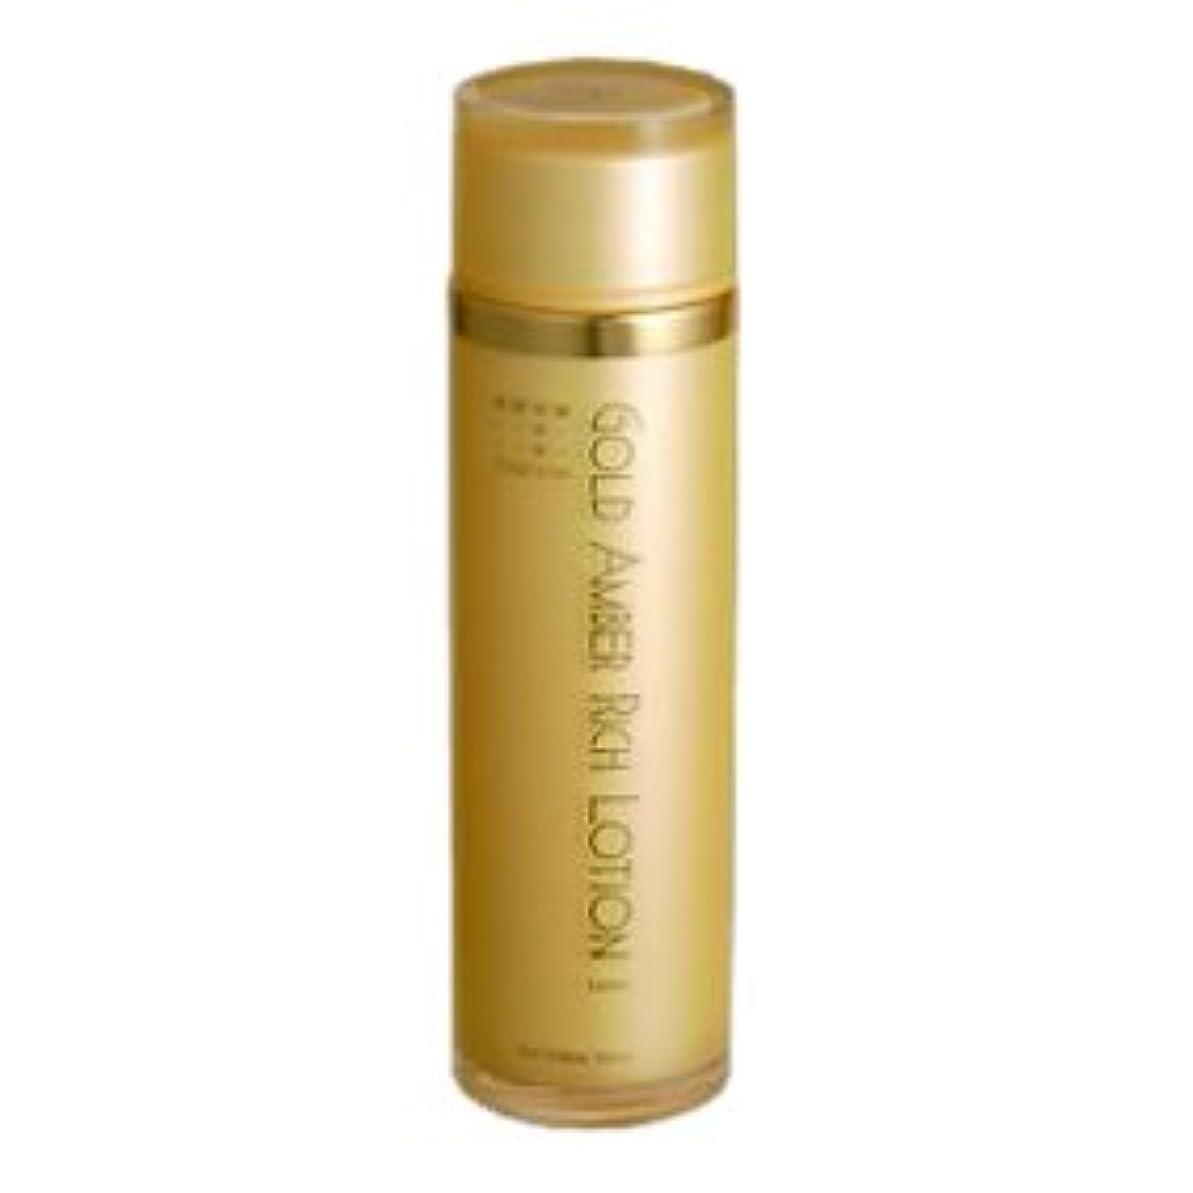 立証する噛むラリーベルモントコスメプラウド ゴールドアンバーリッチローション120ml(化粧水)